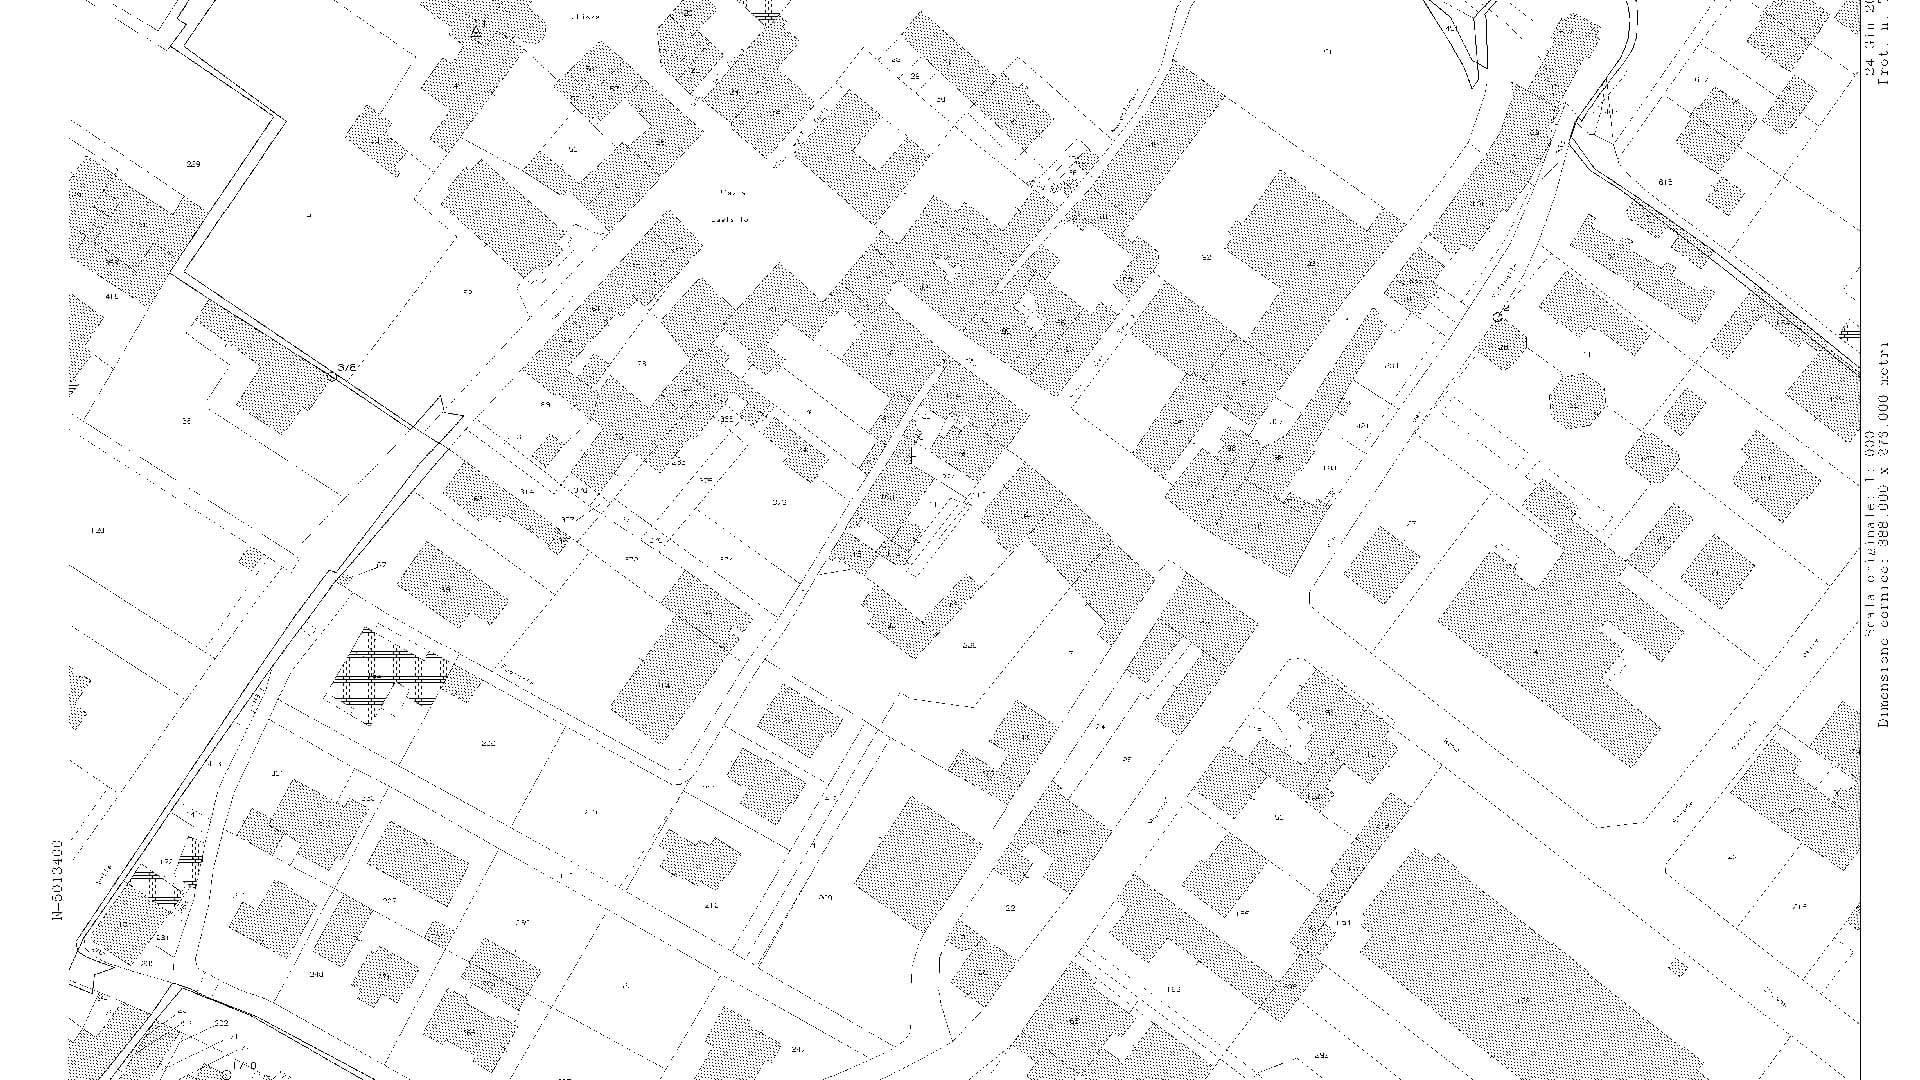 Richiesta estratto di mappa estratto di mappa visura - Catasto tavolare cos e ...